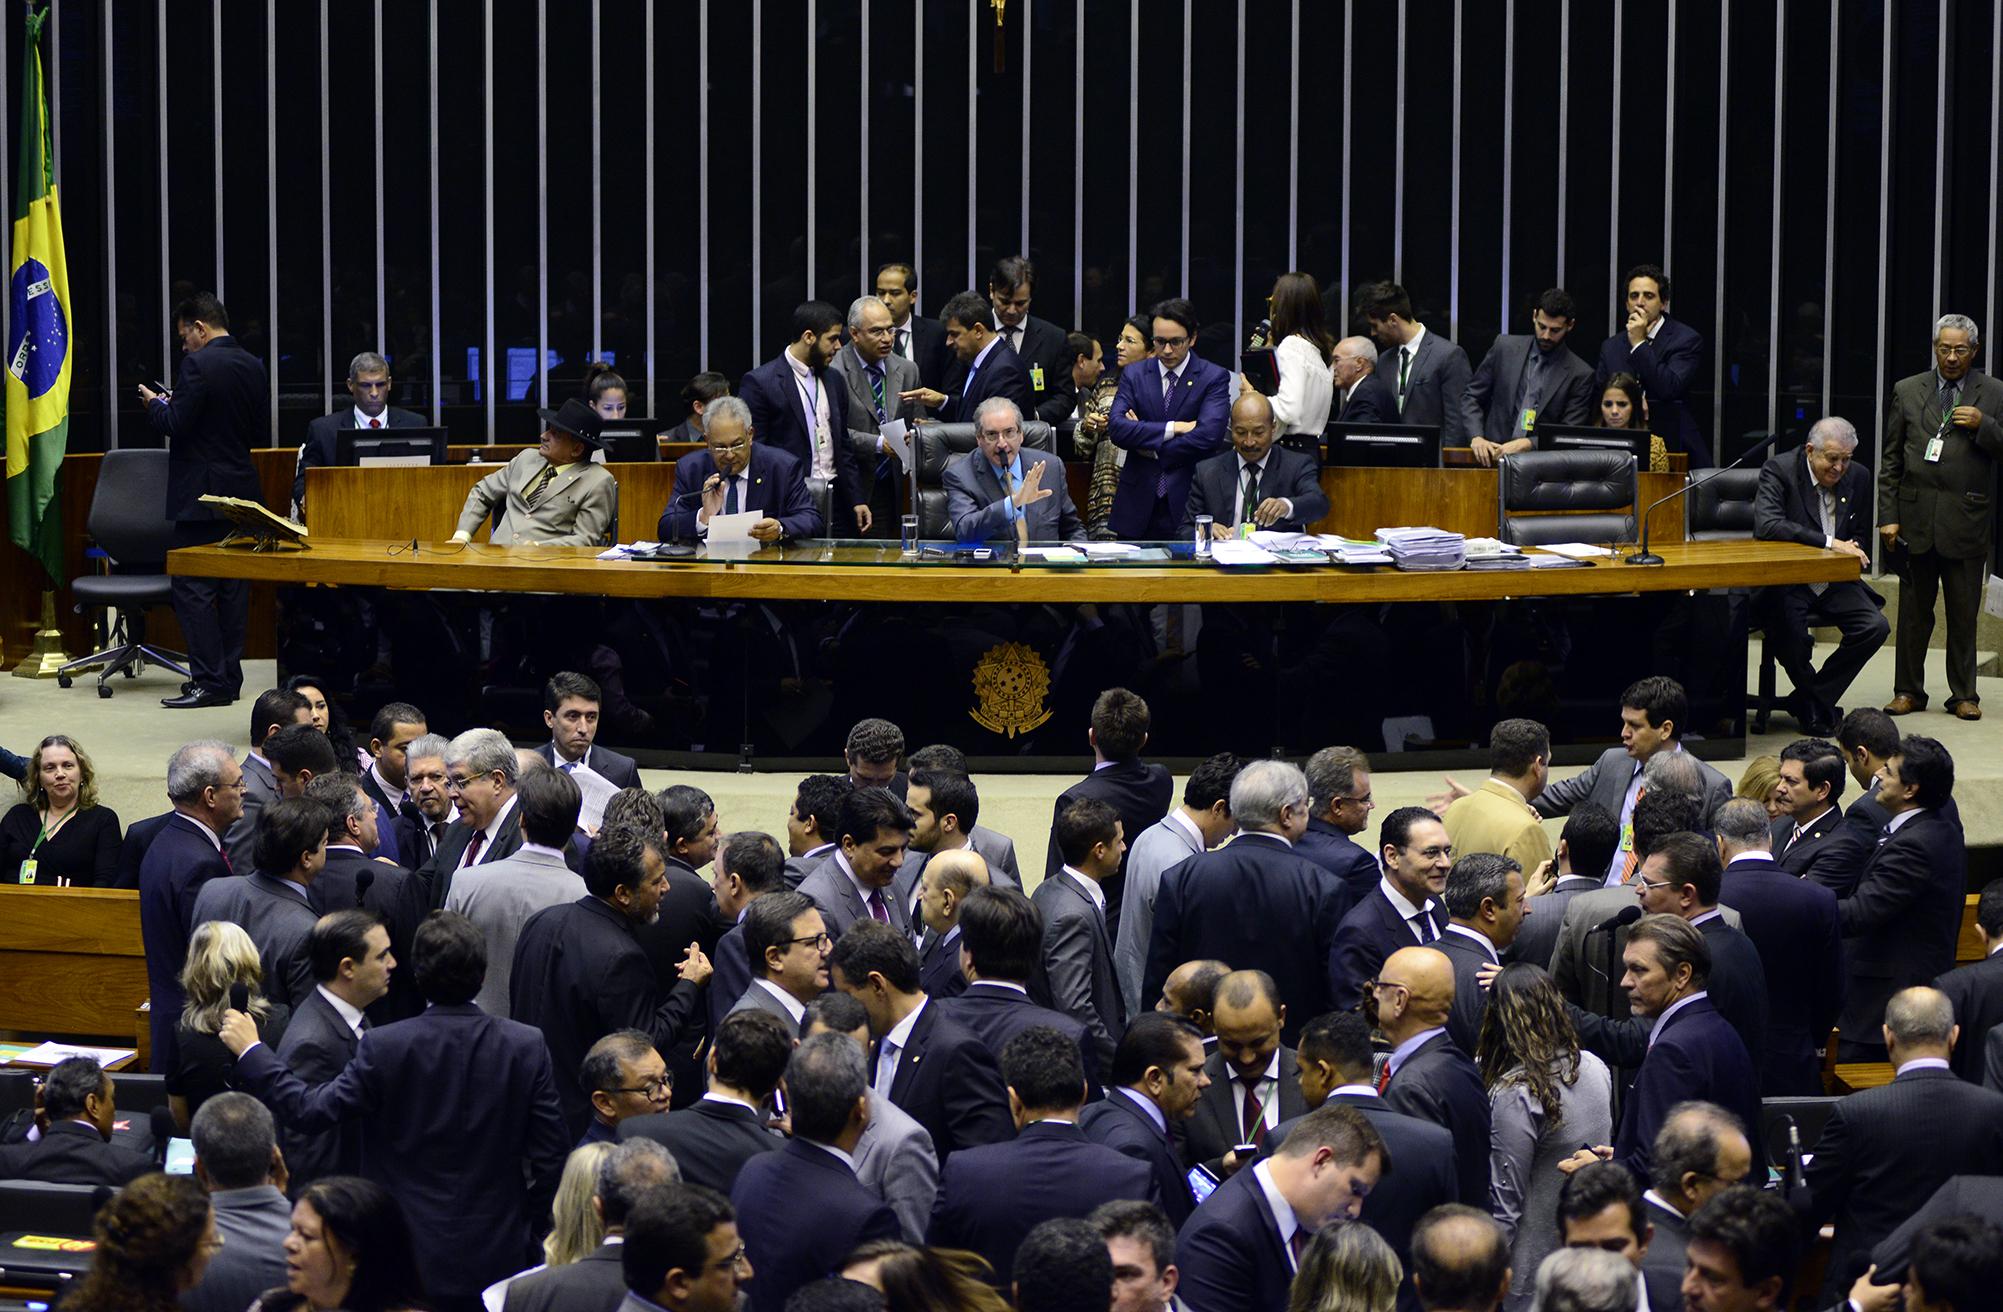 Câmara Federal: Projeto sobre regularização de ativos causa polêmica em Plenário; votação é adiada.